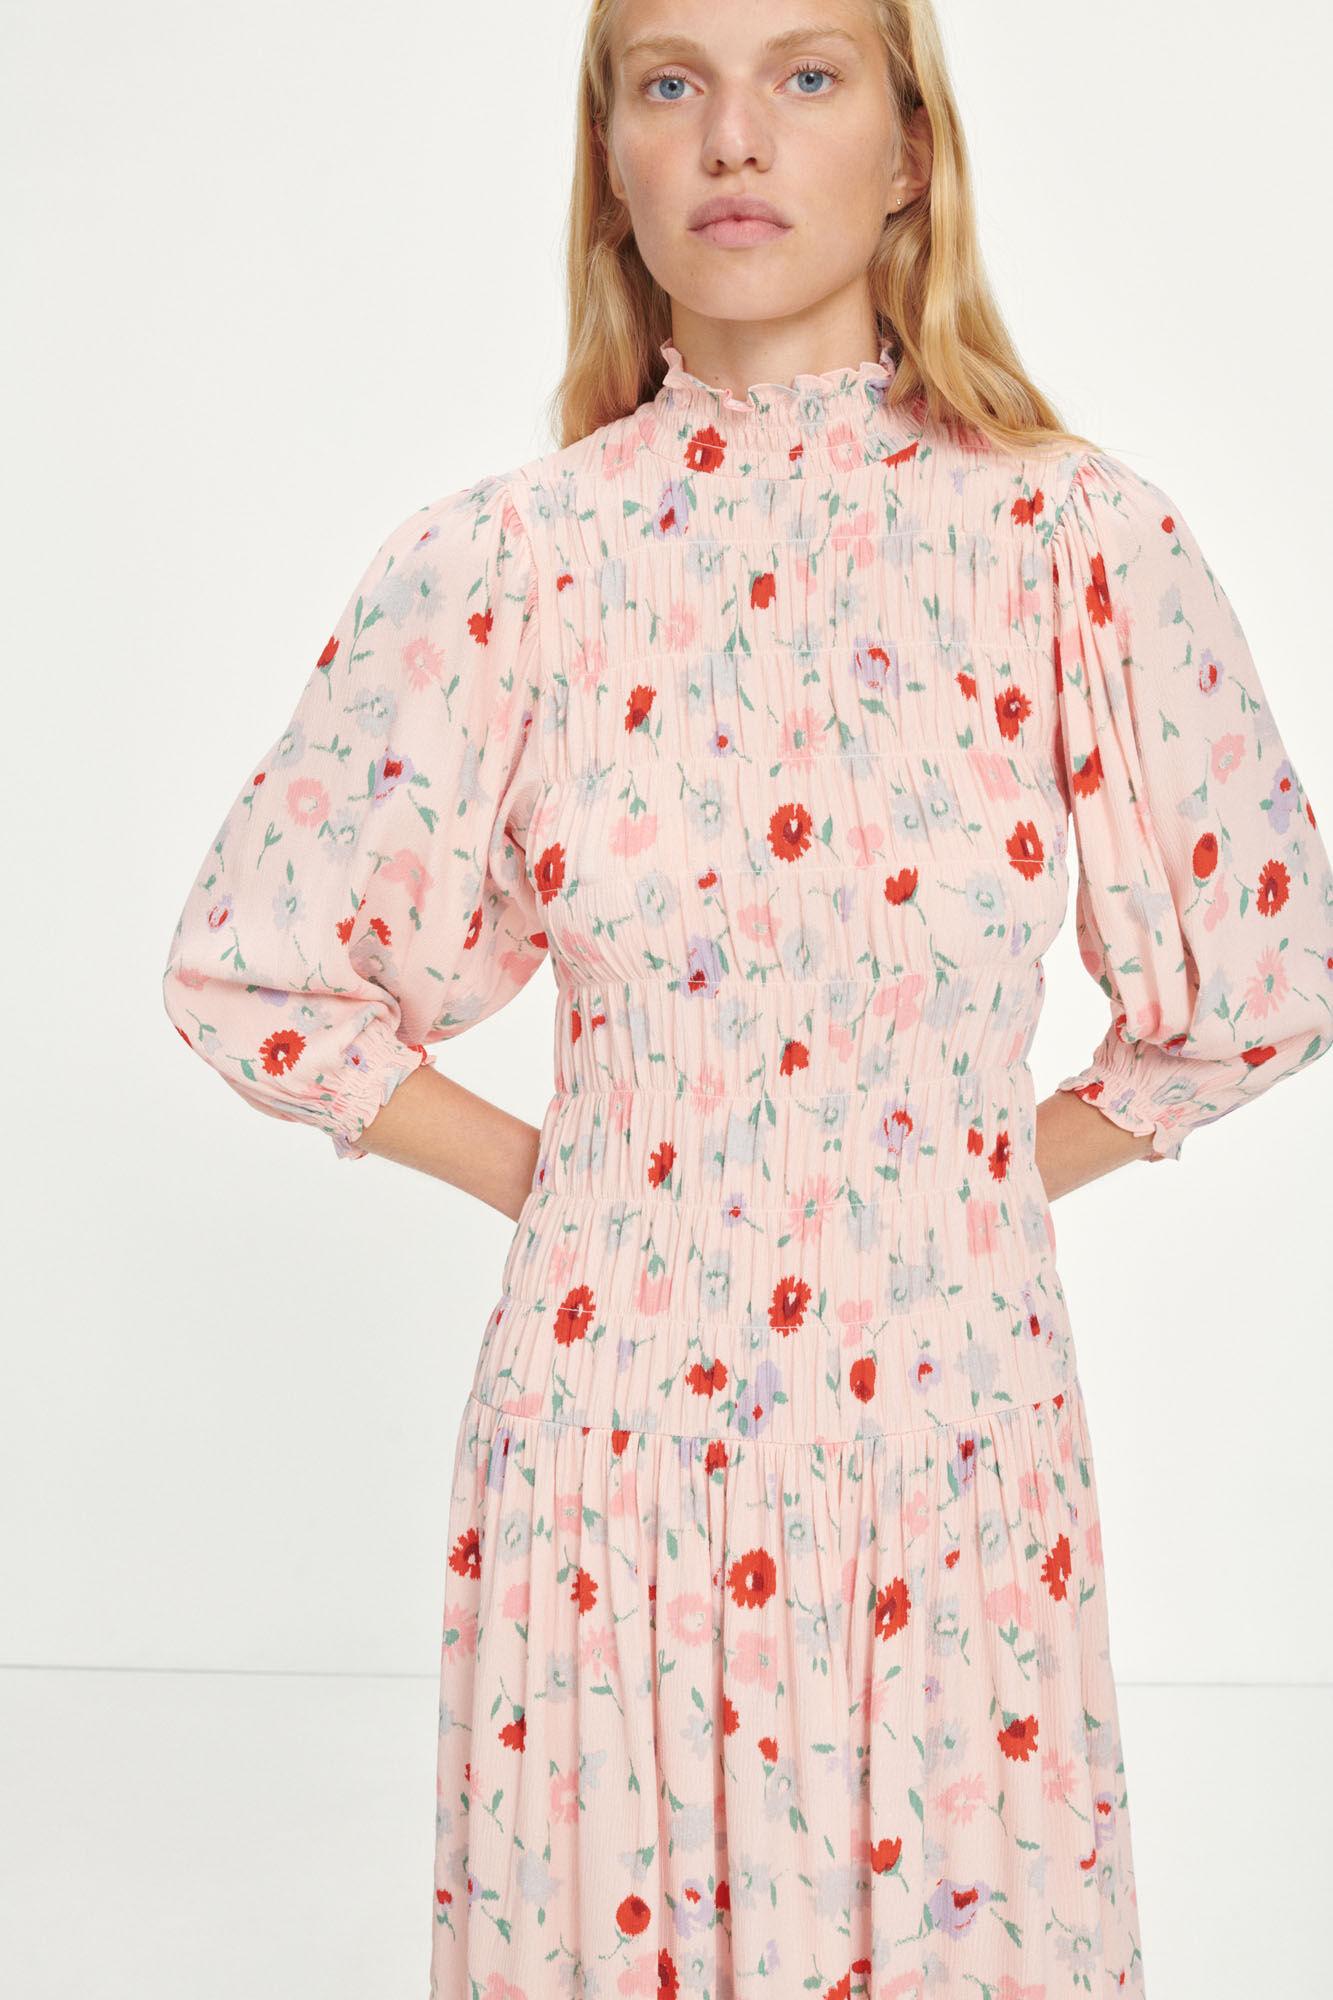 Sarami dress aop 13018